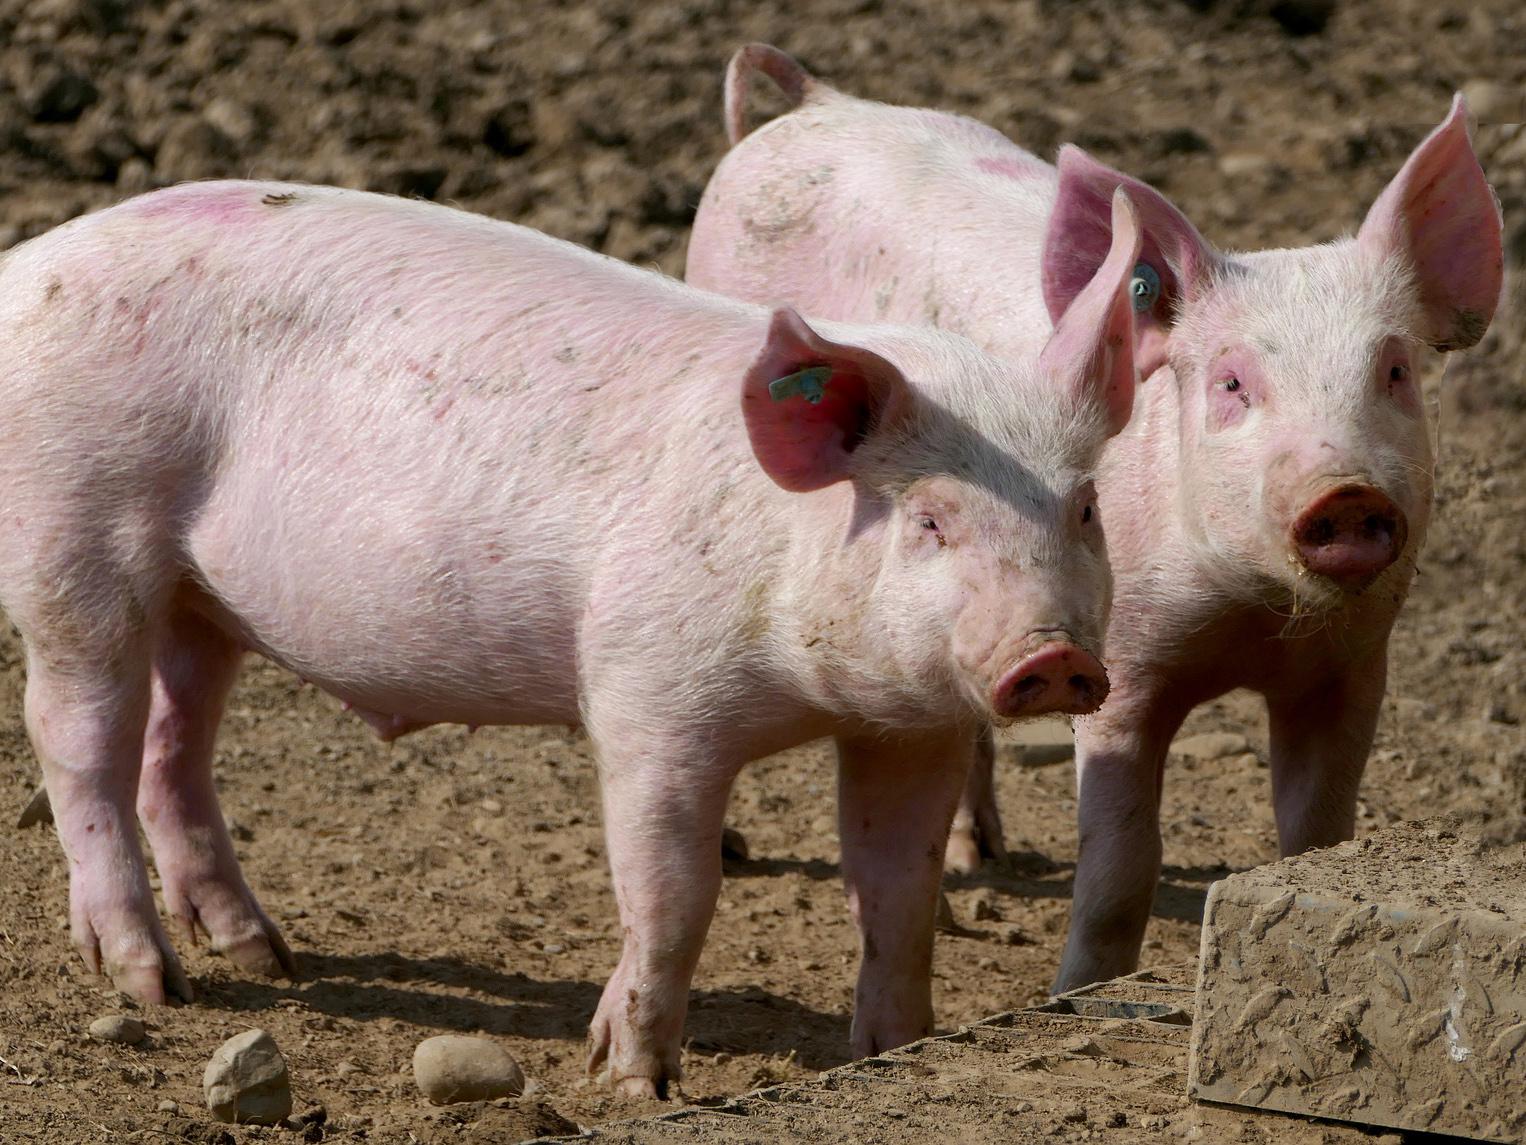 Polsko: Nákaza na dalších 2 farmách, veterinář u soudu